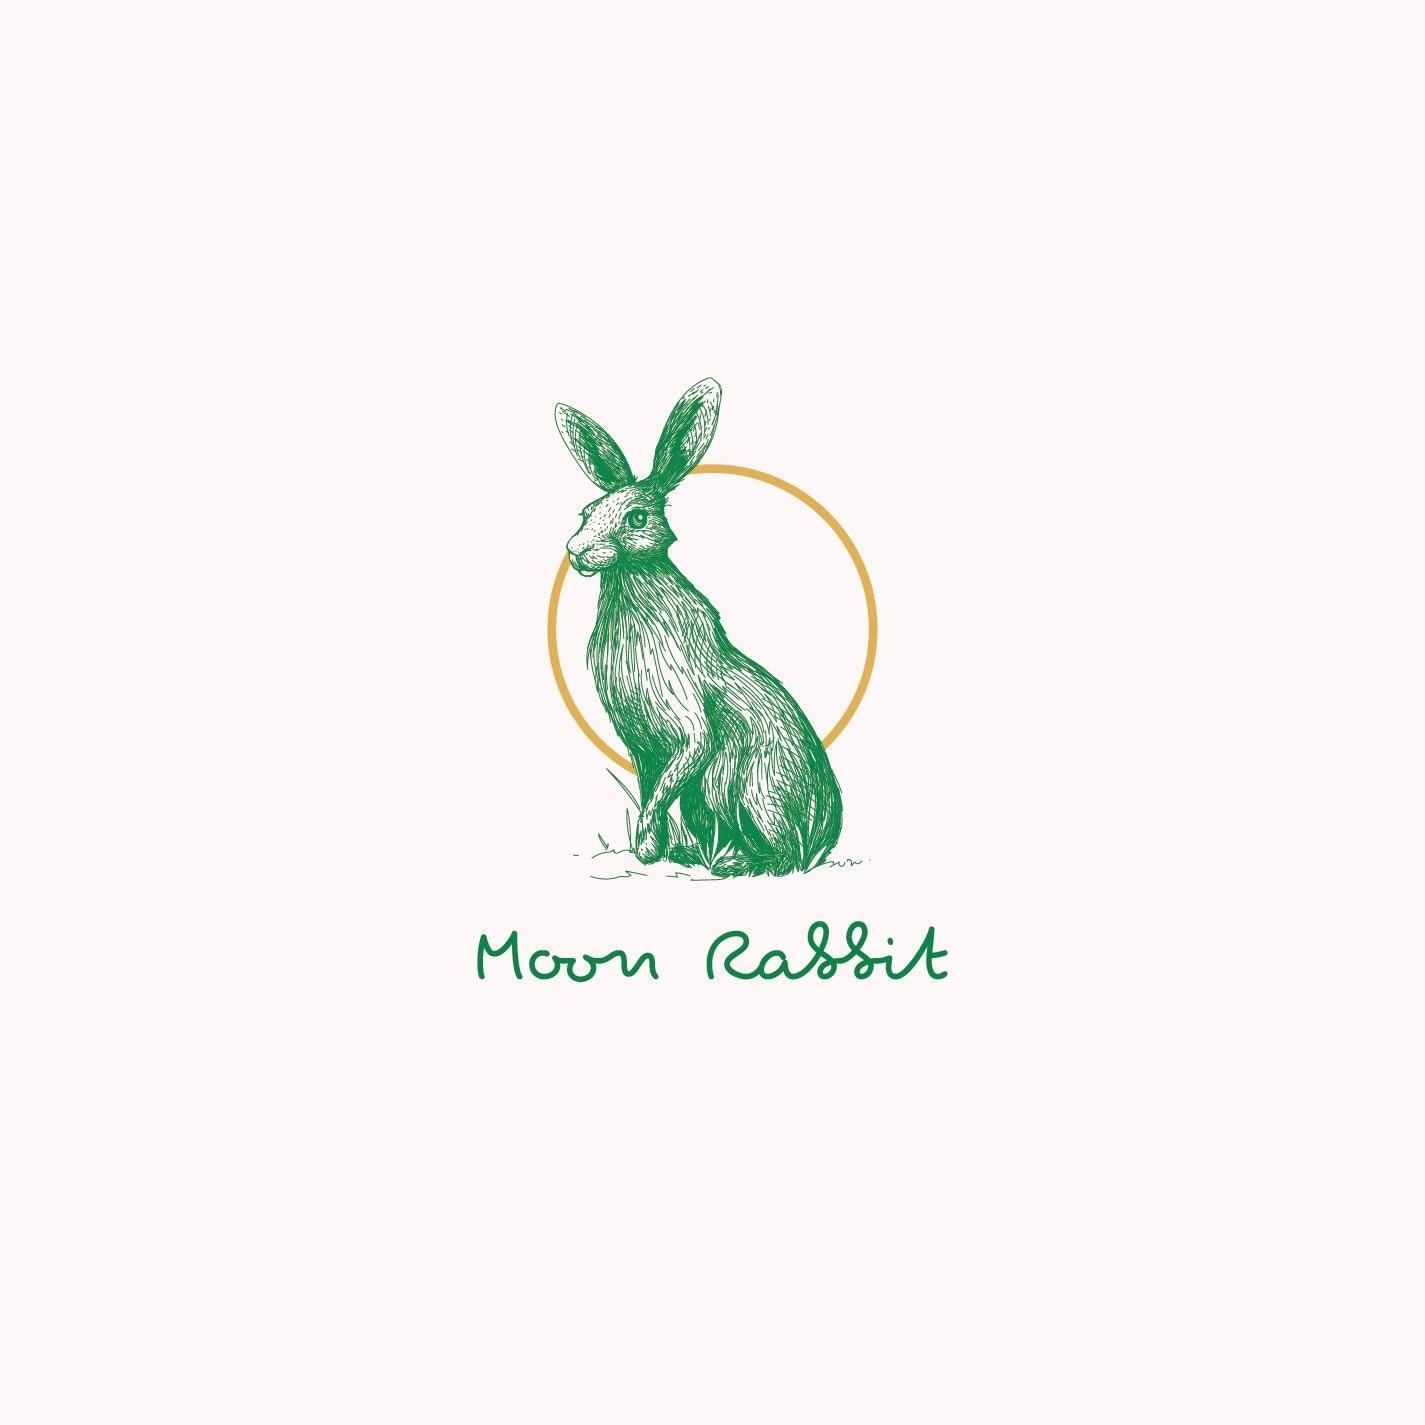 Script font for Moon Rabbit